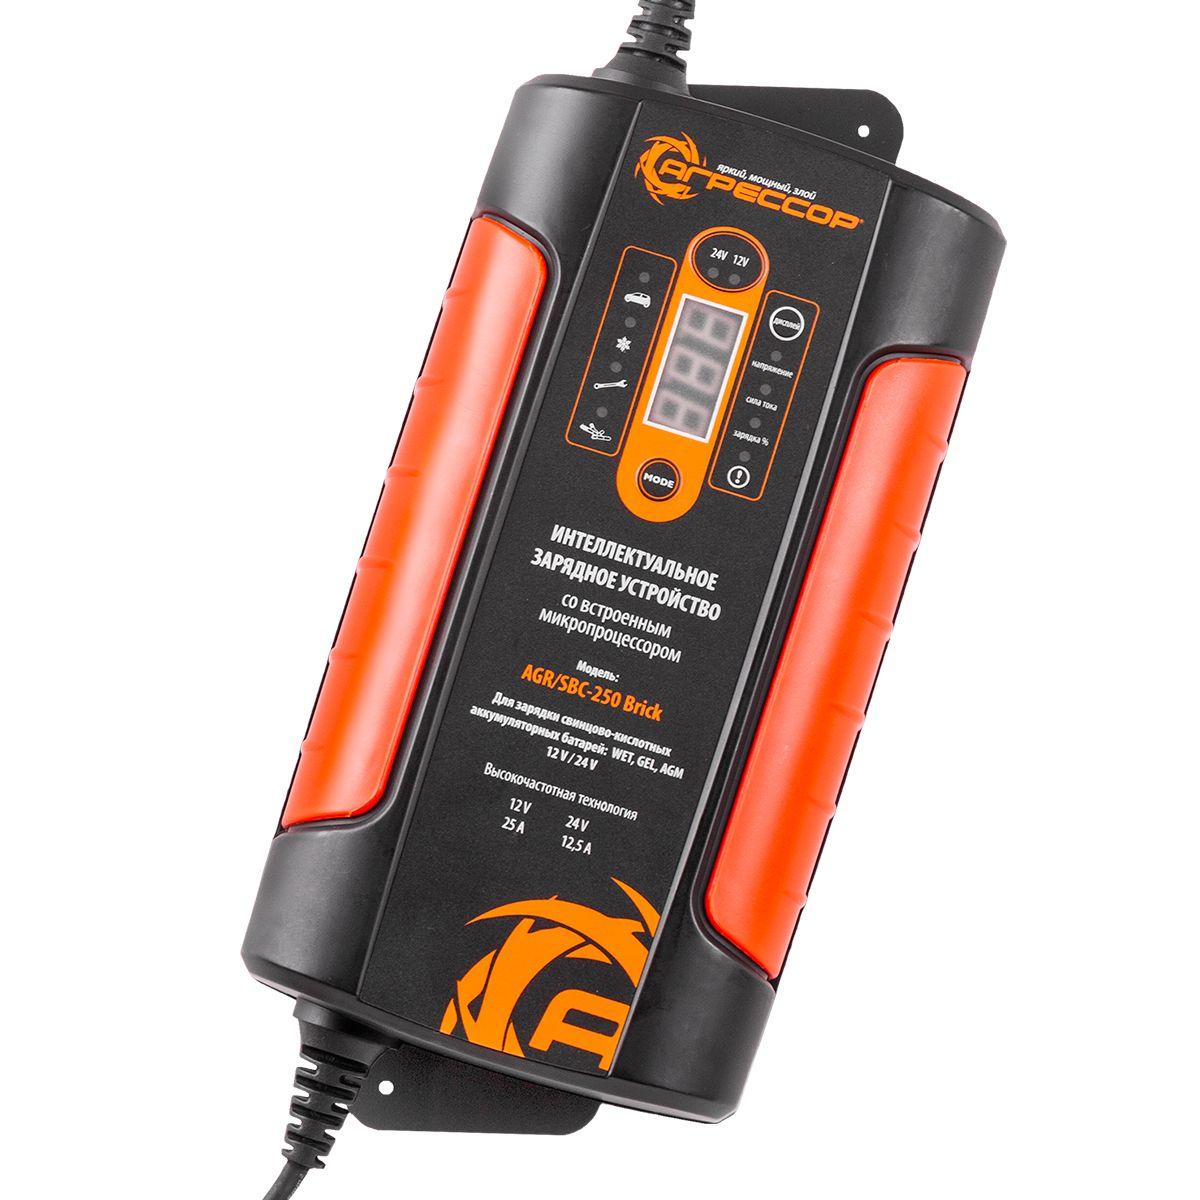 Устройство зарядное цифровое Autoprofi Агрессор, 9 фаз зарядки, ток зарядки 12,5/25 АAGR/SBC-250 BrickЗарядное устройство Autoprofi Агрессор предназначено для зарядки и поддержания полного заряда всех типов свинцово-кислотных аккумуляторных батарей: WET, GEL, AGM. Встроенный микропроцессор определяет состояние батареи, устанавливает необходимую частоту зарядки и проводит диагностику неполадок. Данное зарядное устройство также позволяет заряжать аккумуляторные батареи в условиях низких температур. 9-ступенчатая высокочастотная автоматическая зарядка поддерживает плавающий заряд АКБ, что позволяет оставлять зарядное устройство подключенным к батарее длительный период времени.Особенности:Датчик температуры. Автоматическая компенсация напряжения.Прочные контактные зажимы, подходят для клемм любых батарей.Прочный и безопасный штепсель шнура питания.Напряжение: AC 220-240В, 50-60 Гц.Номинальная сила тока: 2,4 А.Ток зарядки: 12В, 25 А/24В, 12,5 А.